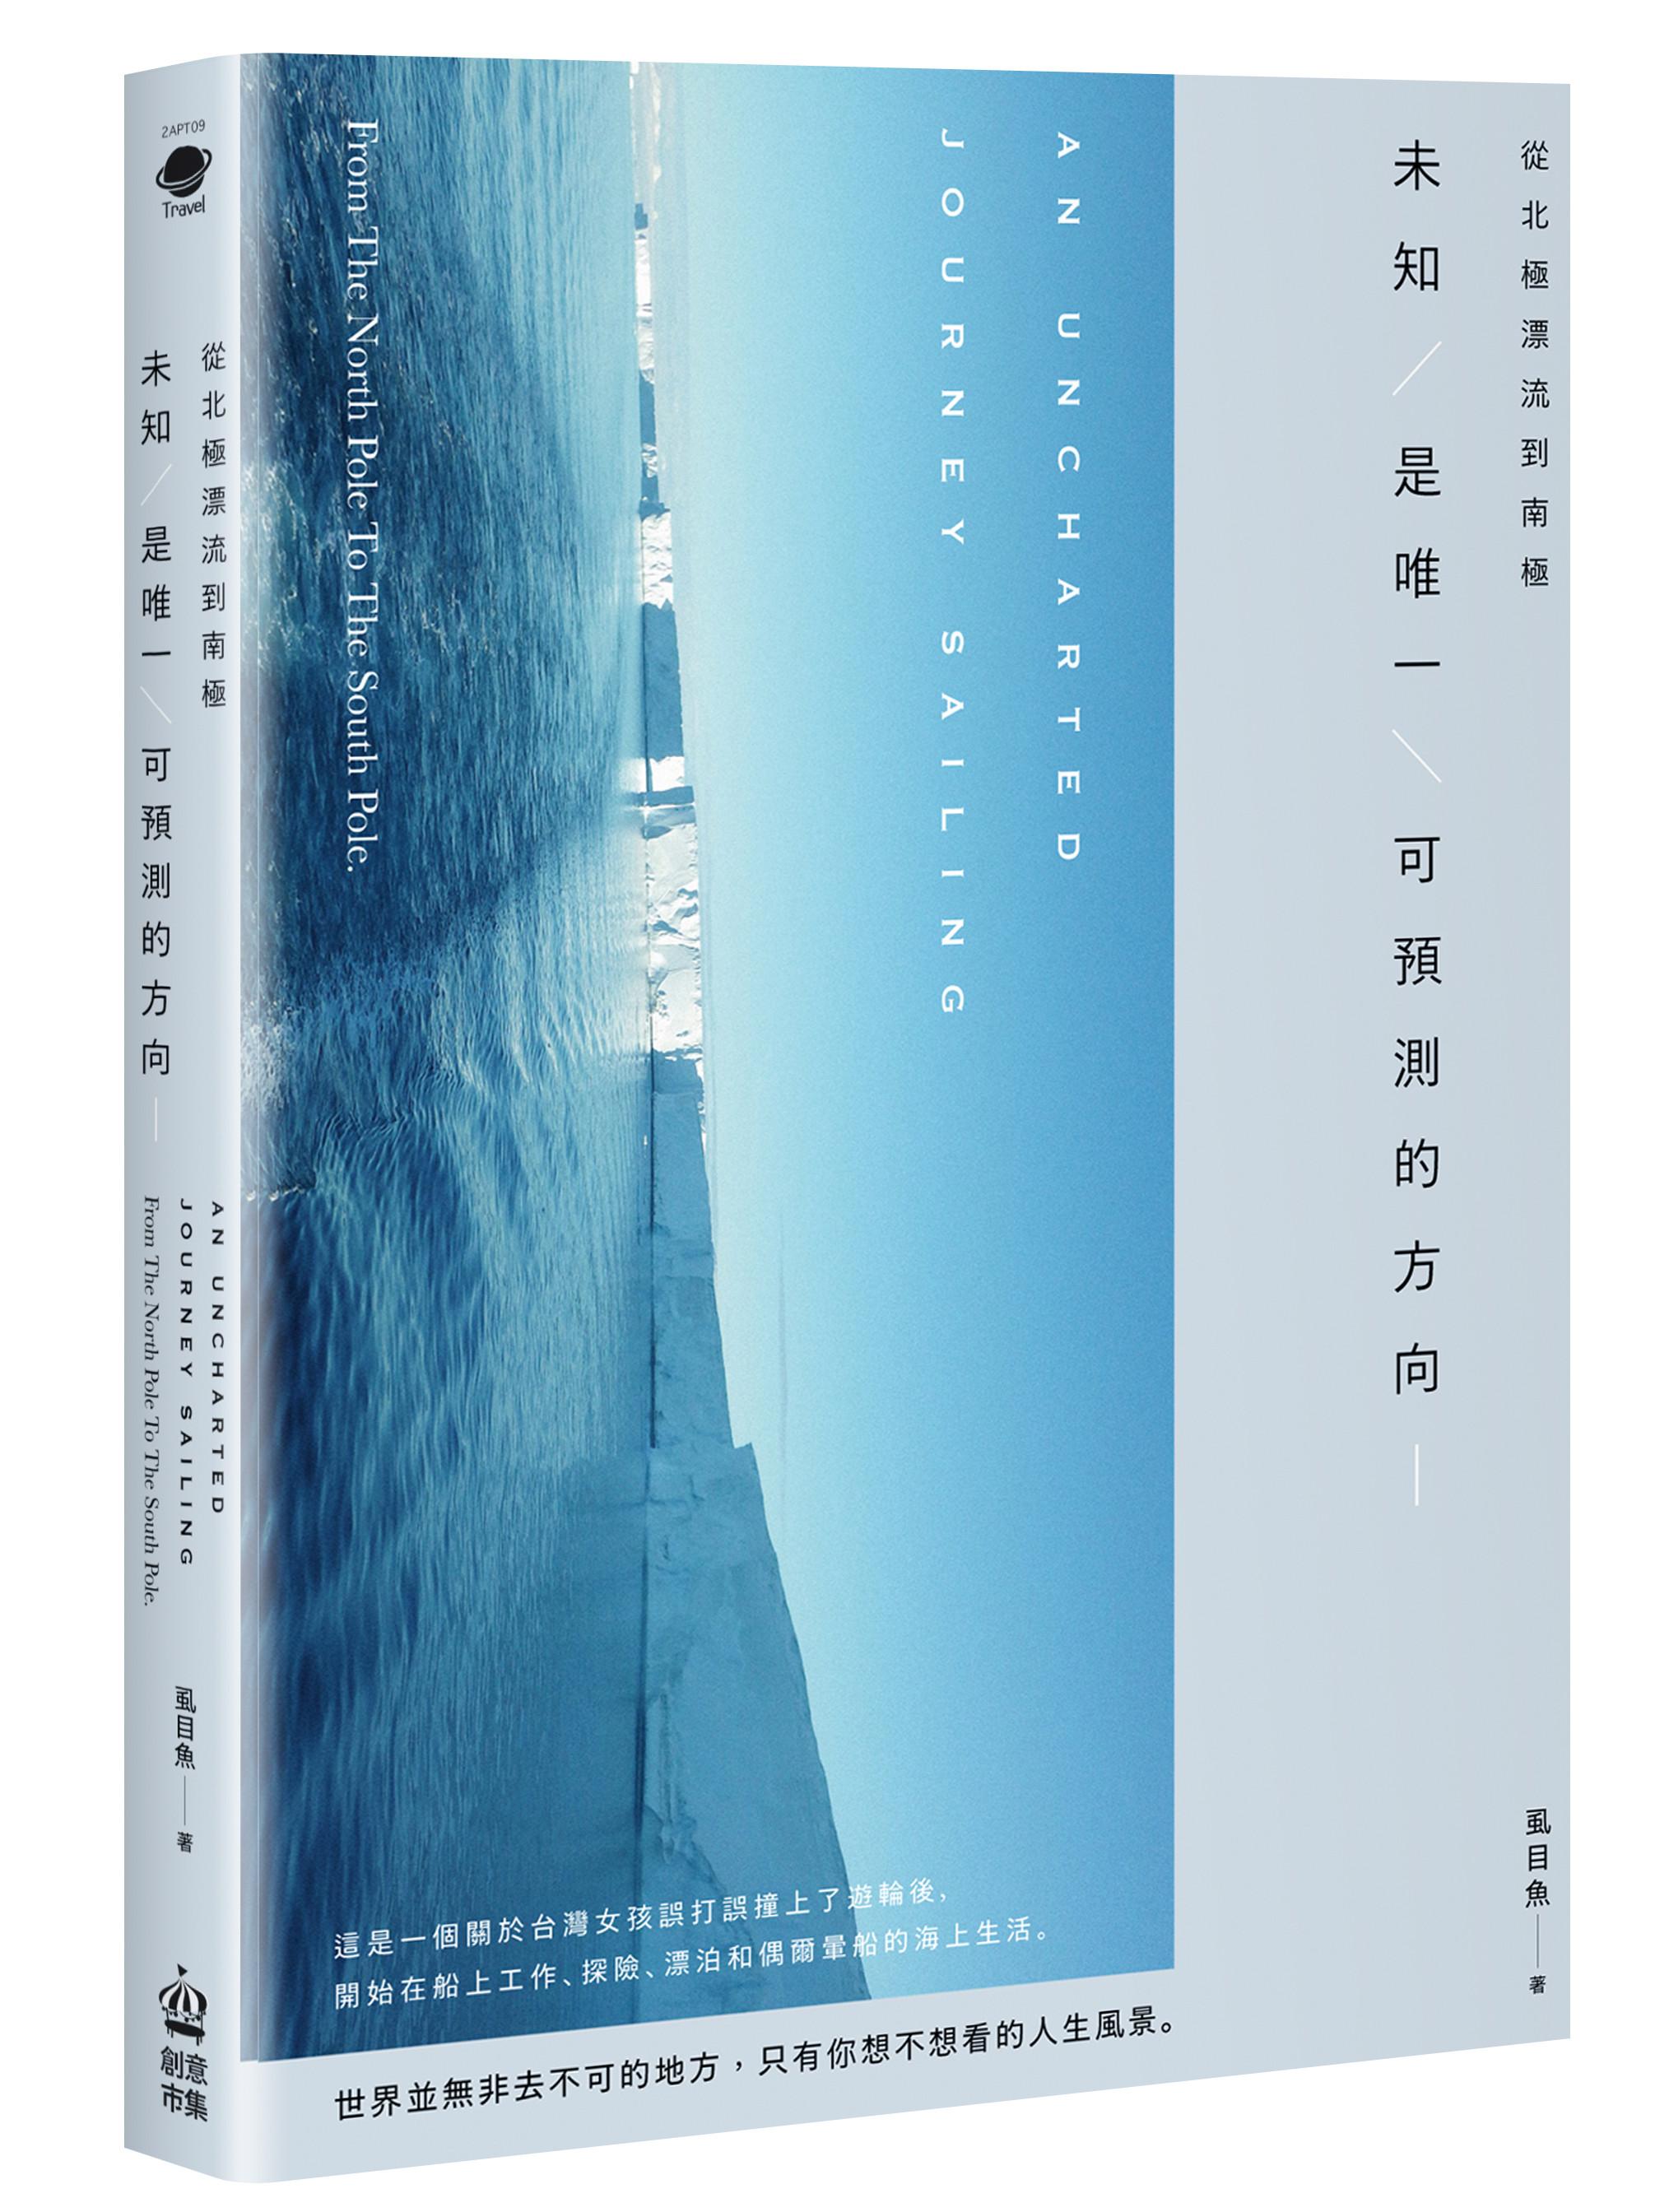 (圖/書籍《從北極漂流到南極 未知是唯一可預測的方向》書封配圖,業者PCuSER電腦人文化提供)